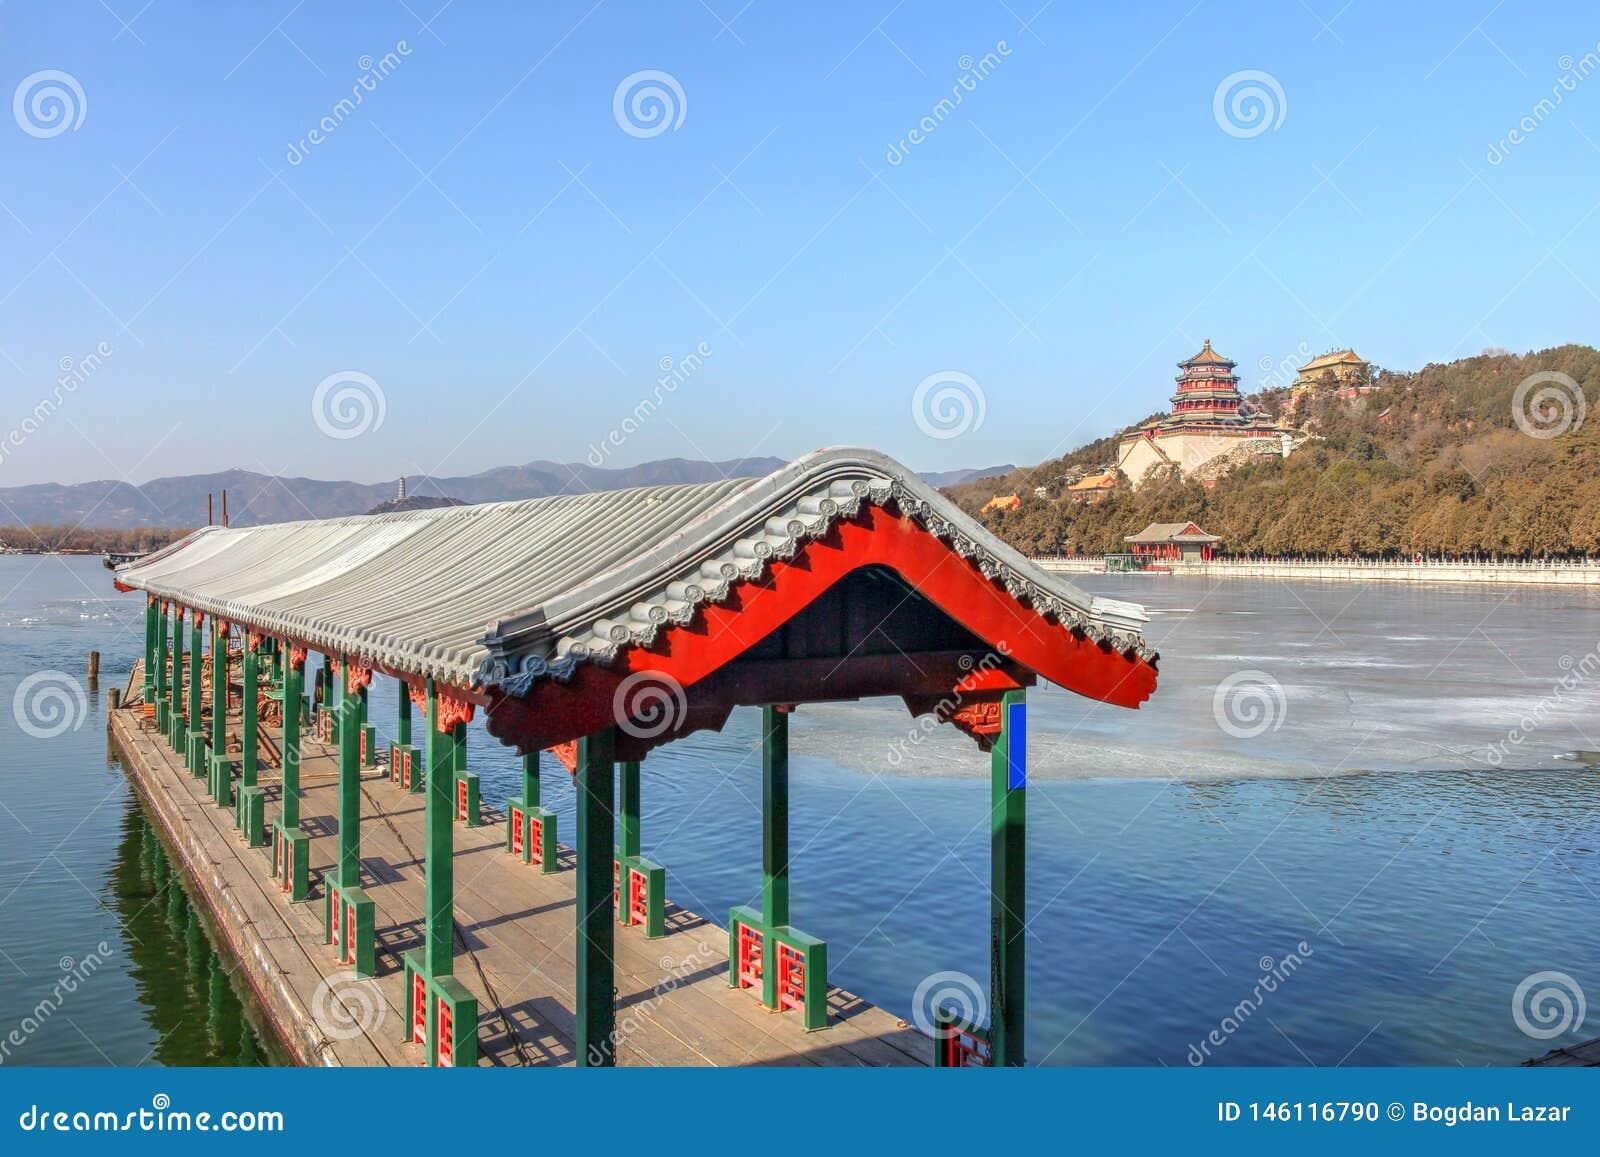 Palacio de verano, Pek?n, China